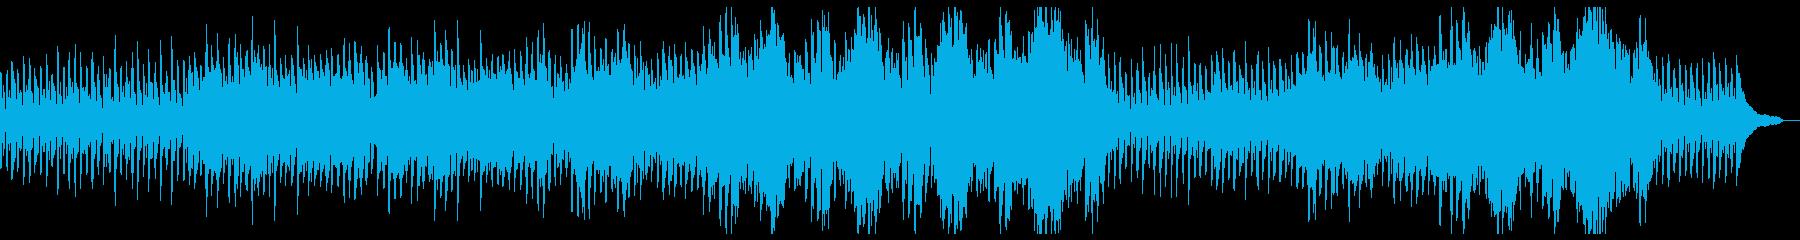 時間の経過・優しい思い出:高音の弦抜きの再生済みの波形